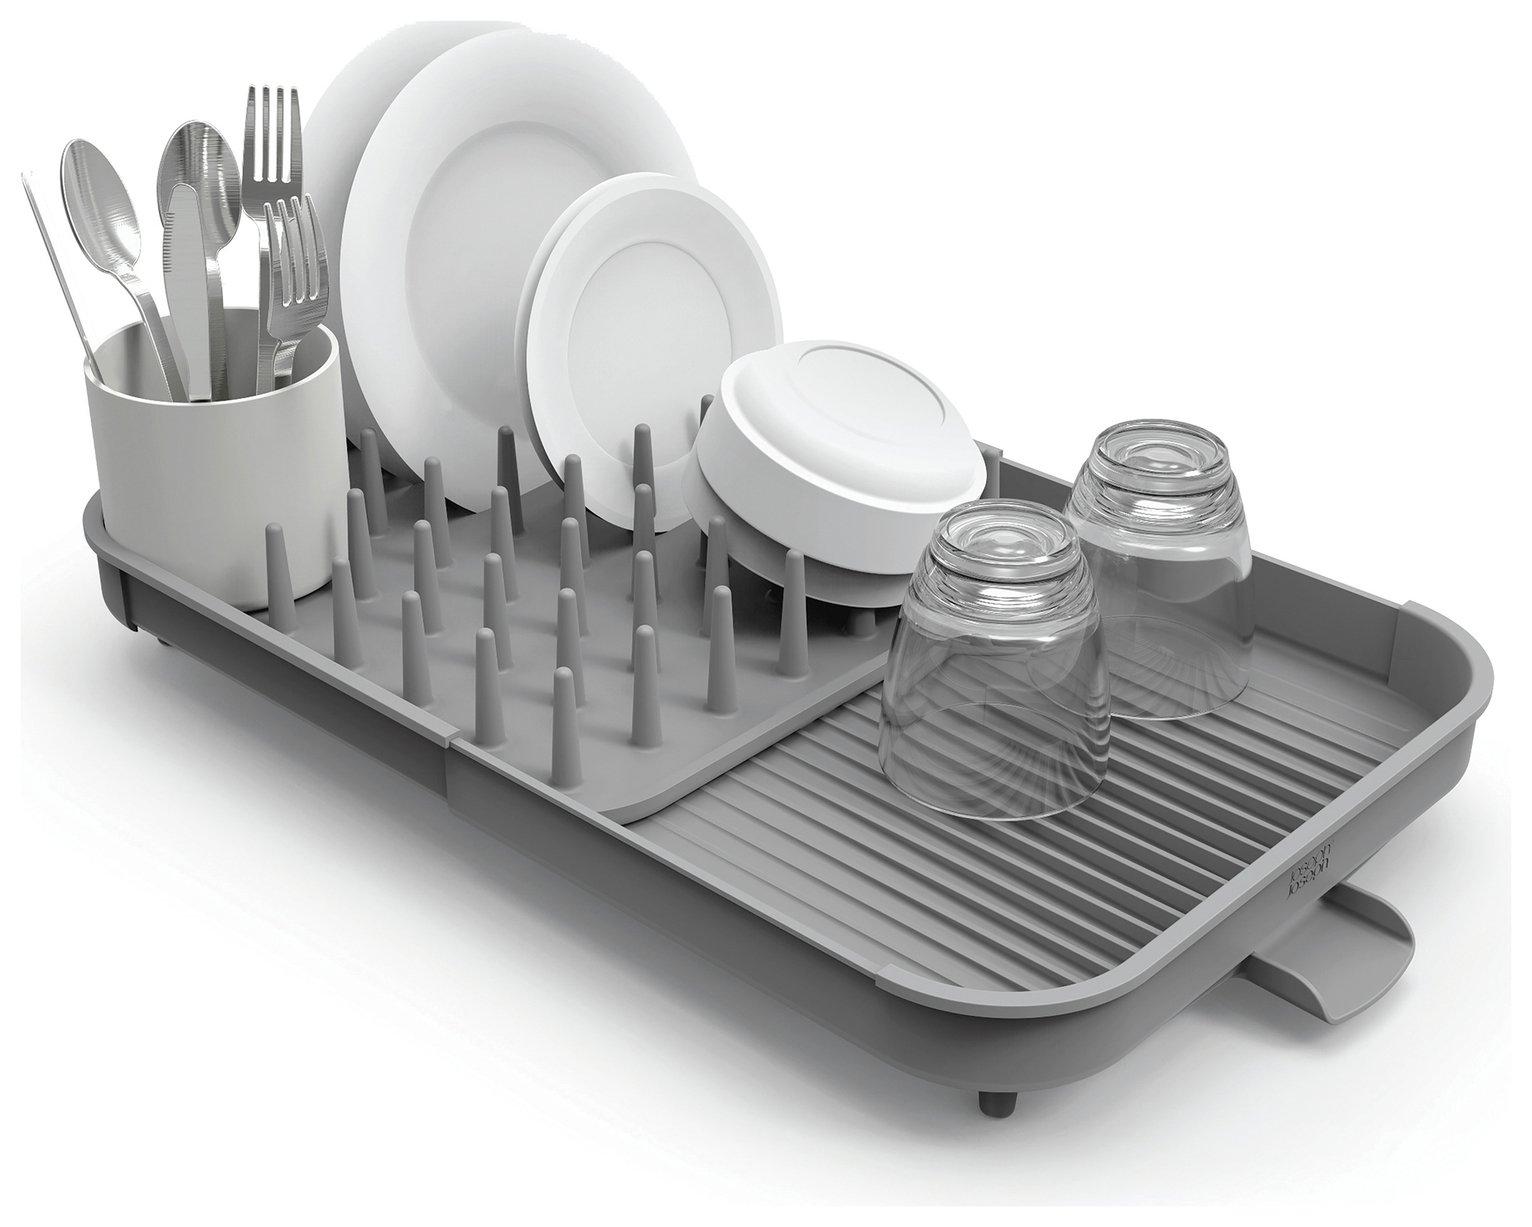 joseph joseph duo expandable dish rack